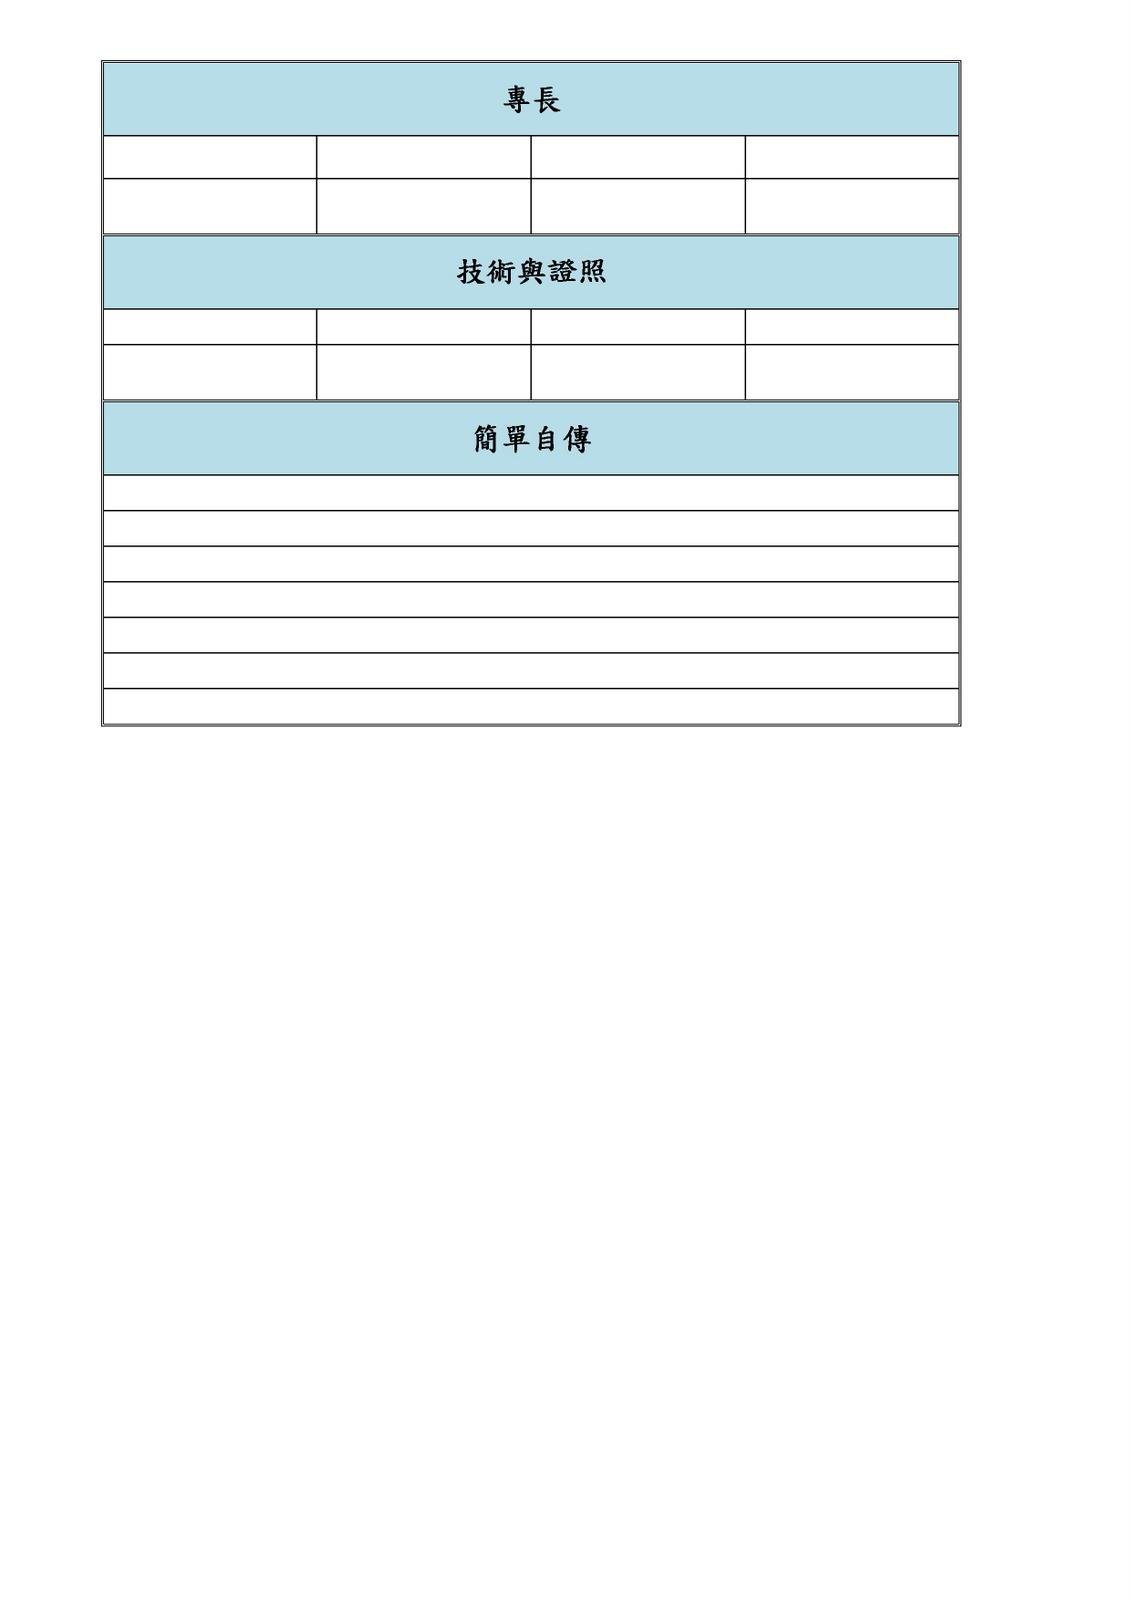 (辦公室應用軟體)學習網誌: EX01: 履歷表-Word表格的應用